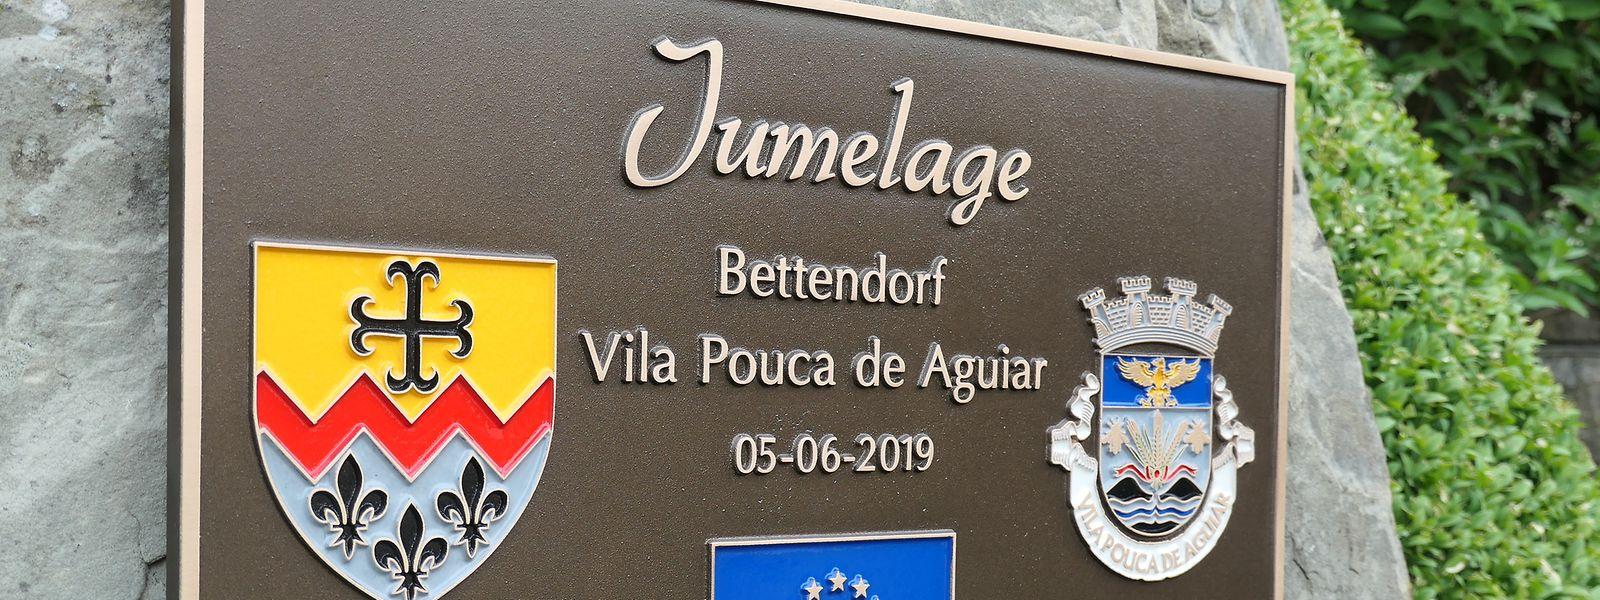 Seit Mittwochabend ist die Partnerschaft zwischen Bettendorf und Vila Pouca de Aguiar nicht nur auf dem Papier besiegelt, sondern dank einer Ehrentafel auch gewissermaßen in Stein gemeißelt.